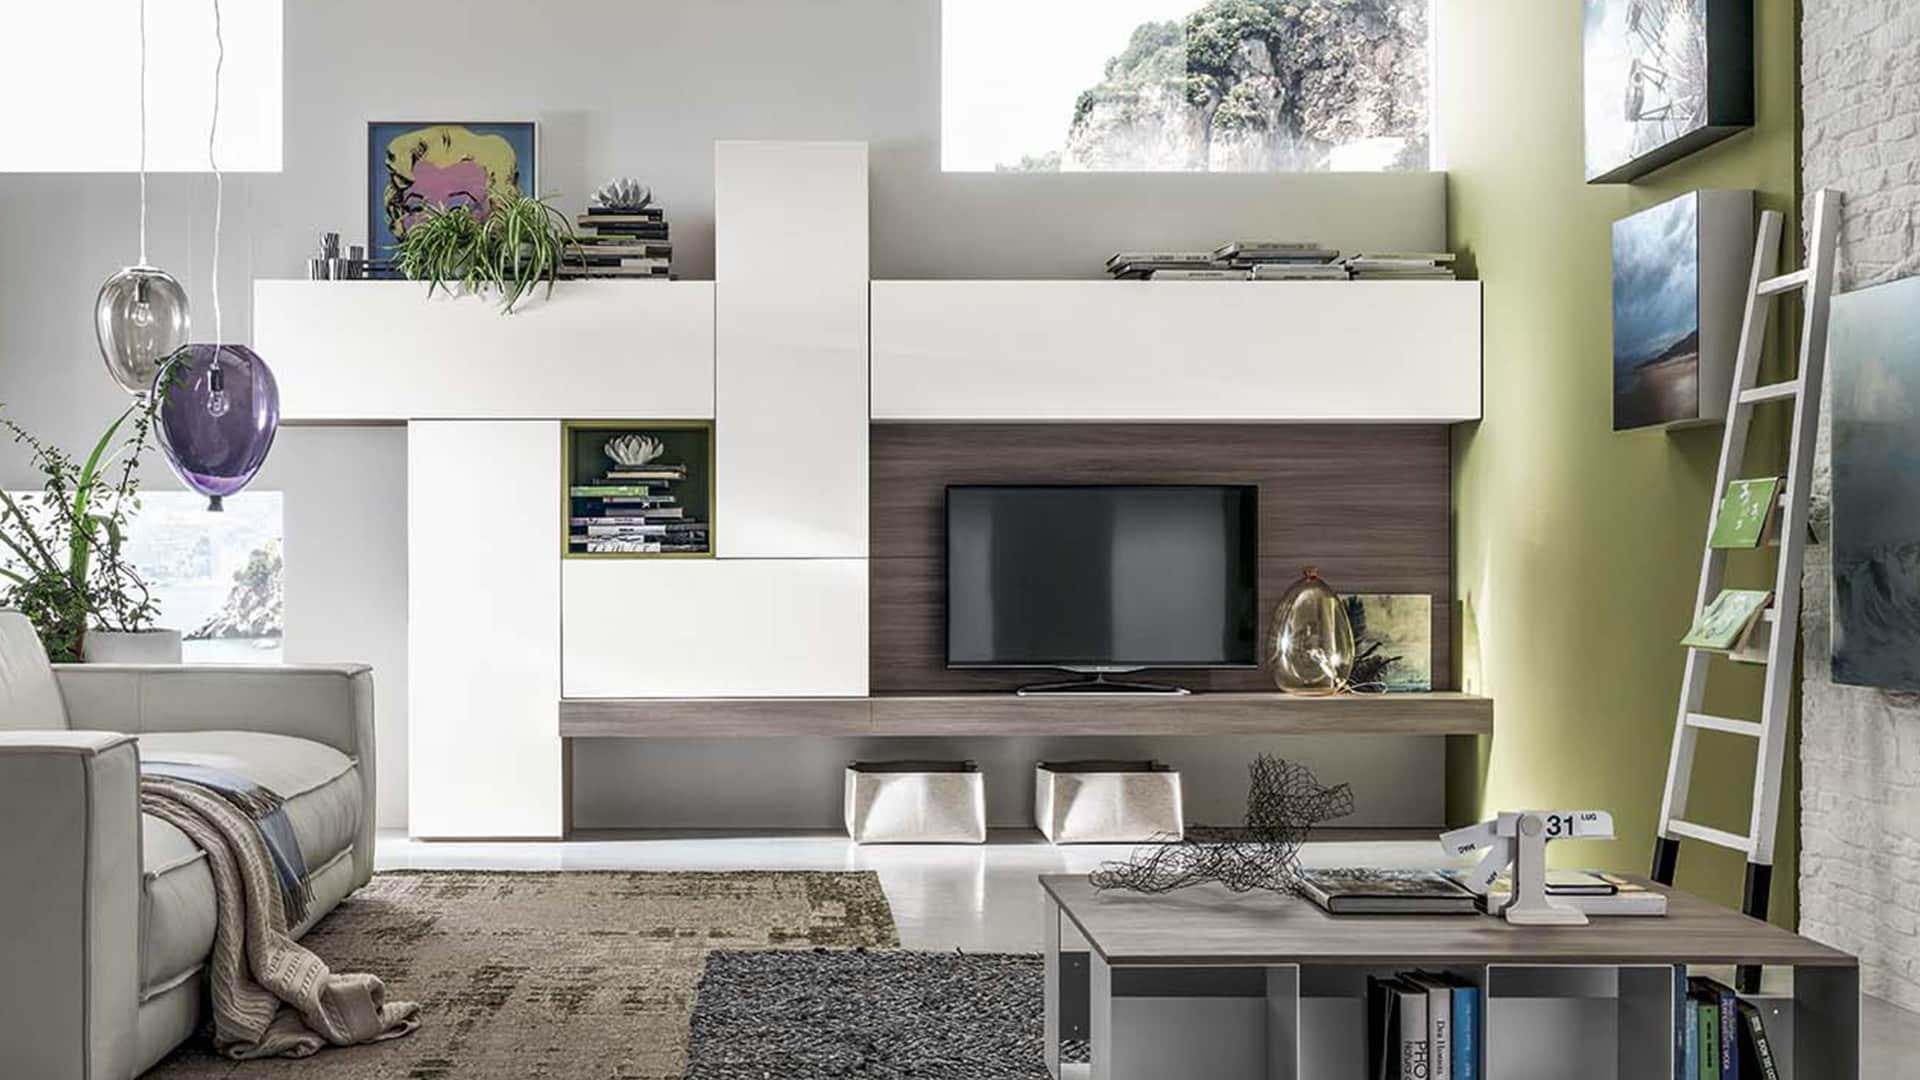 Vendita di mobili per soggiorno a padova mobili da soggiorno economici ed in offerta - Mobili particolari per soggiorno ...